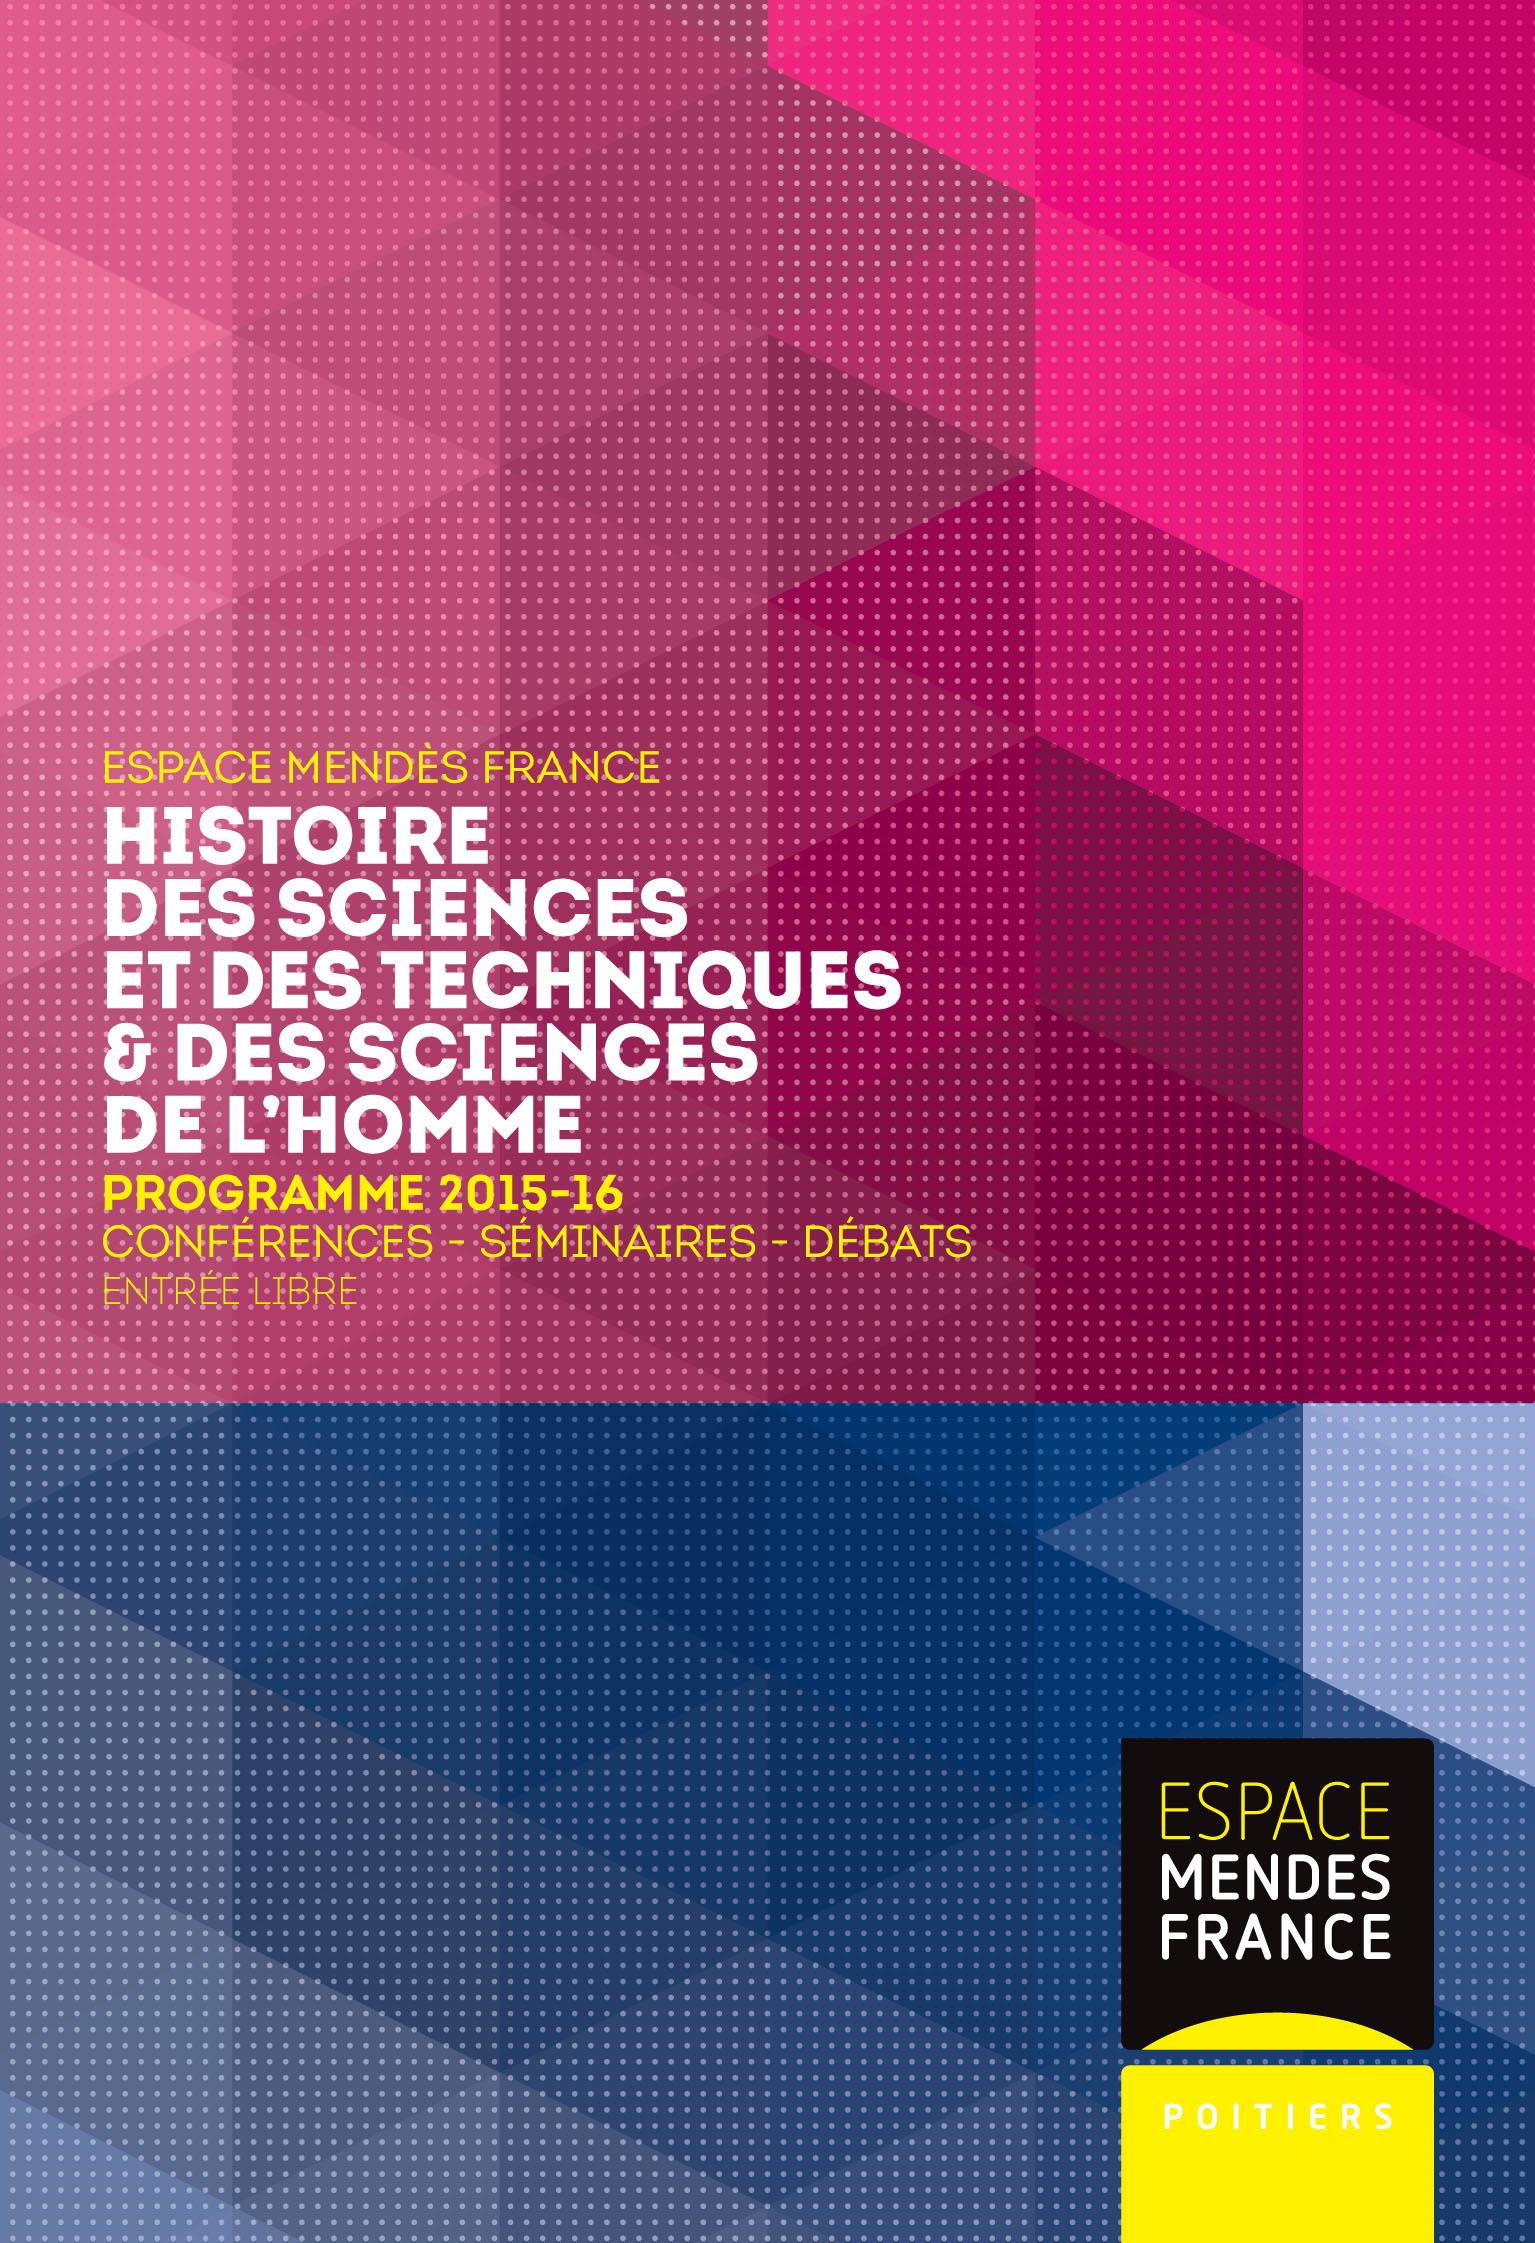 Programme 2015-2016 d'Histoire des sciences et des techniques & des sciences de l'homme